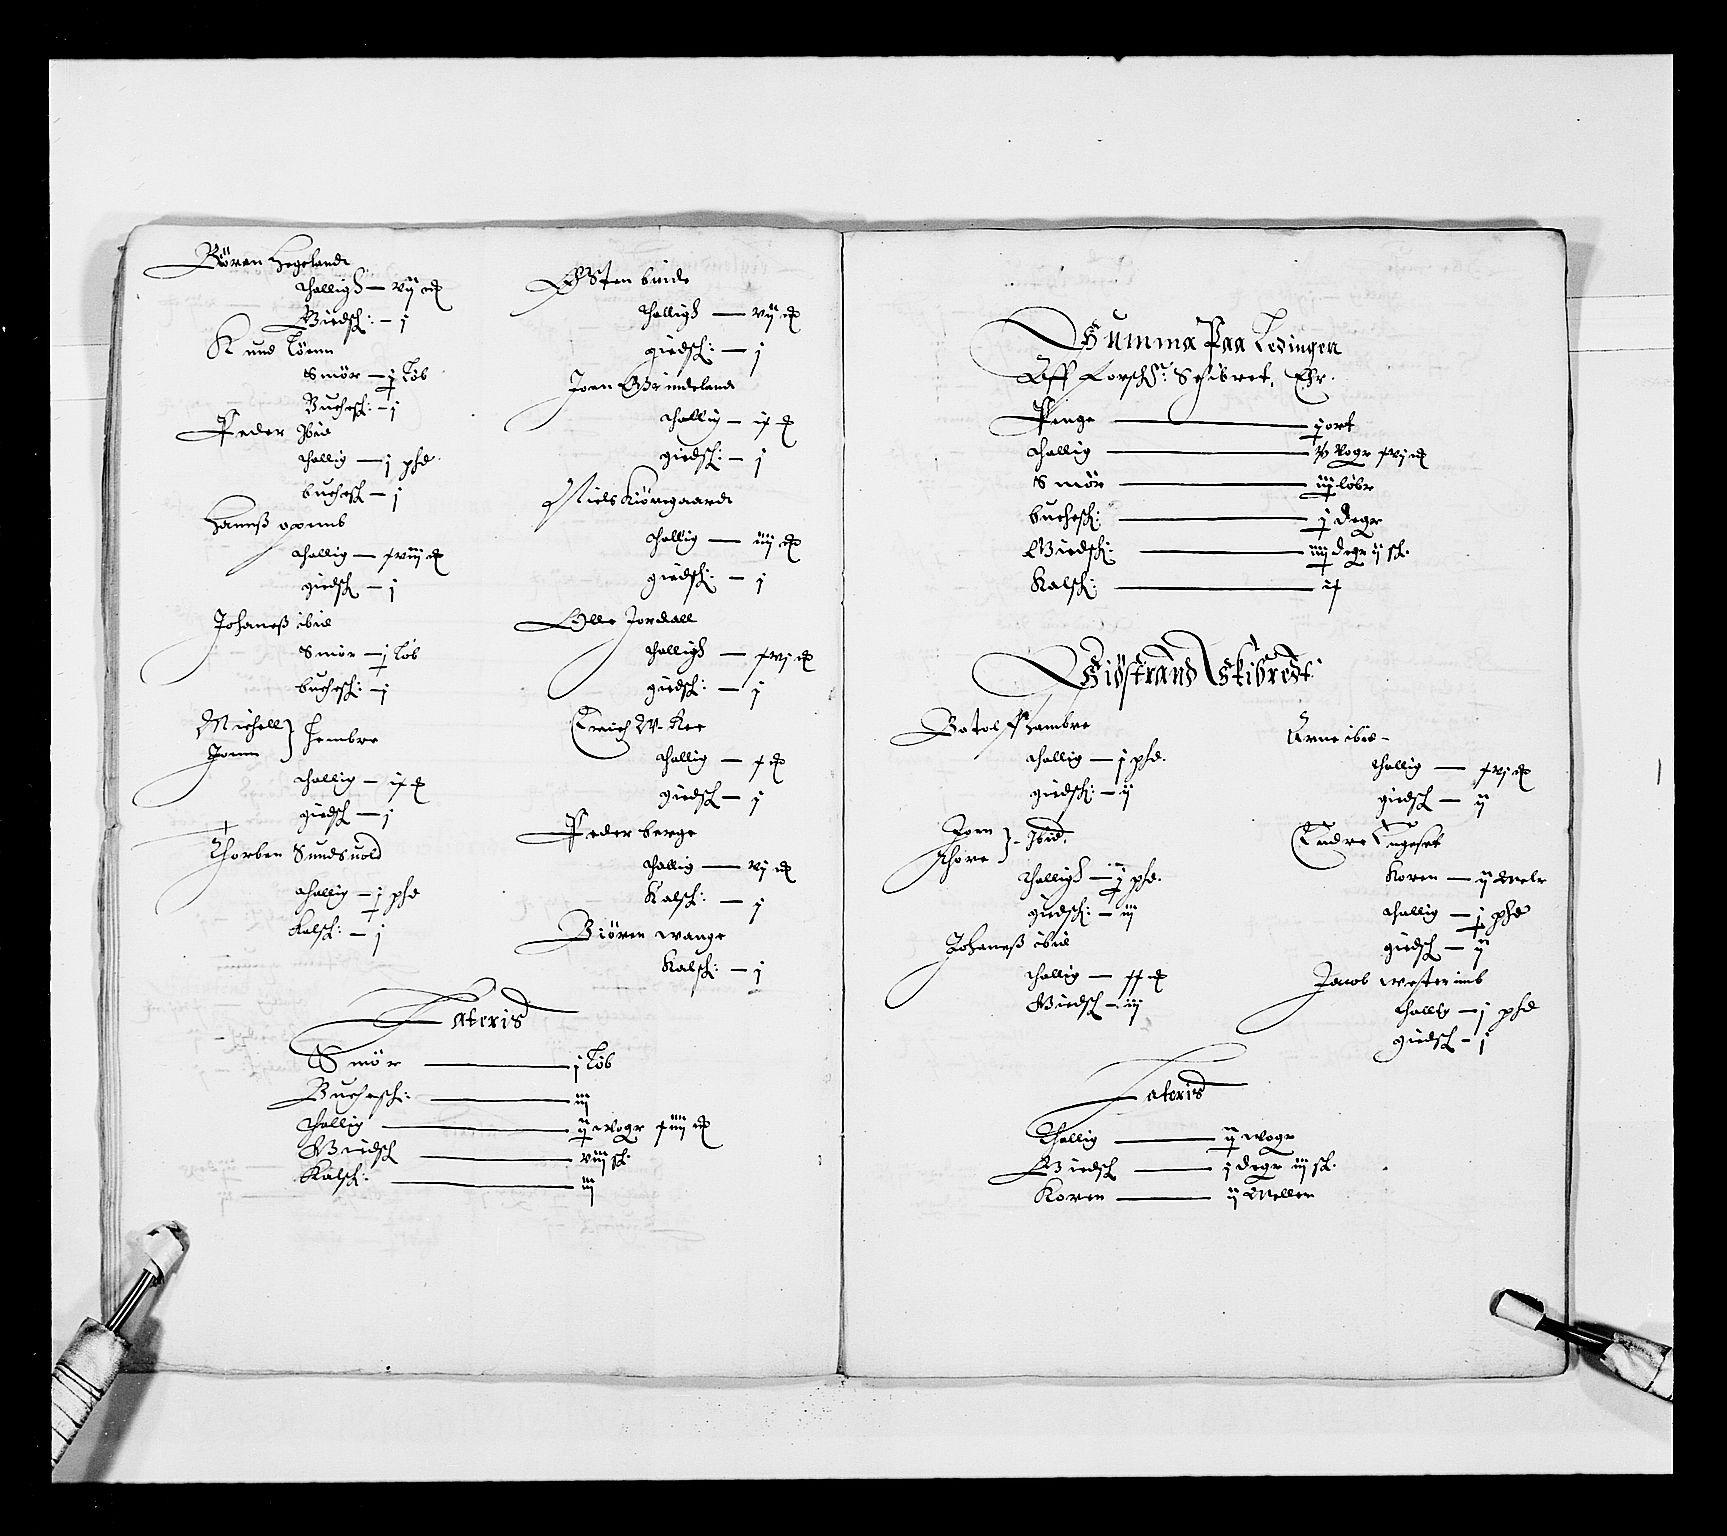 RA, Stattholderembetet 1572-1771, Ek/L0025: Jordebøker 1633-1658:, 1645-1646, s. 123